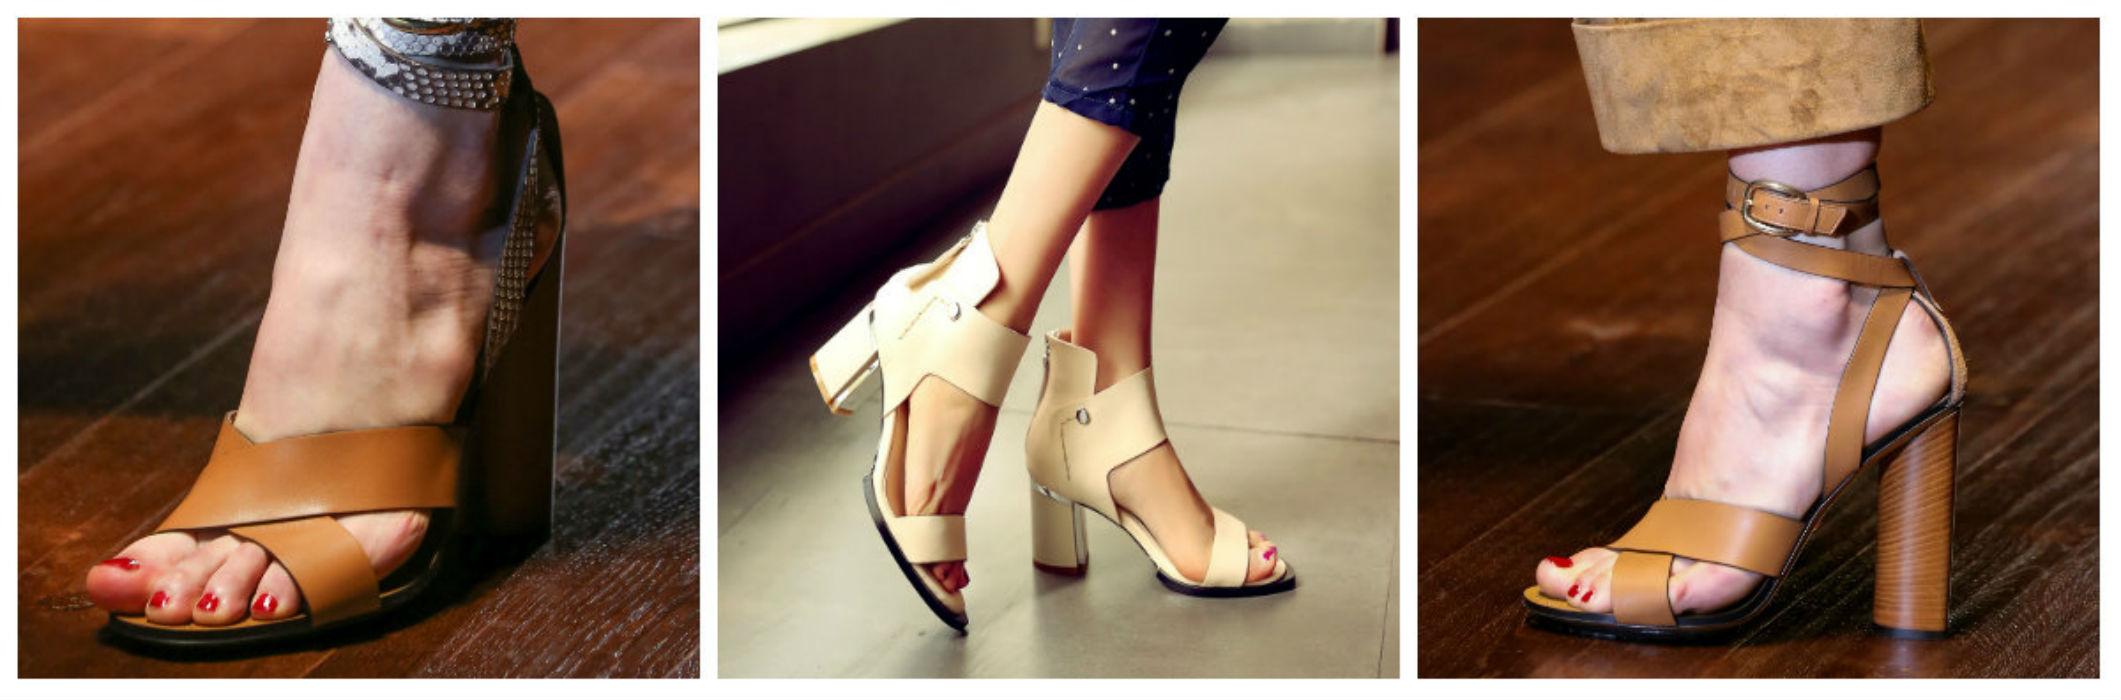 Широкие ремни на обуви 2016